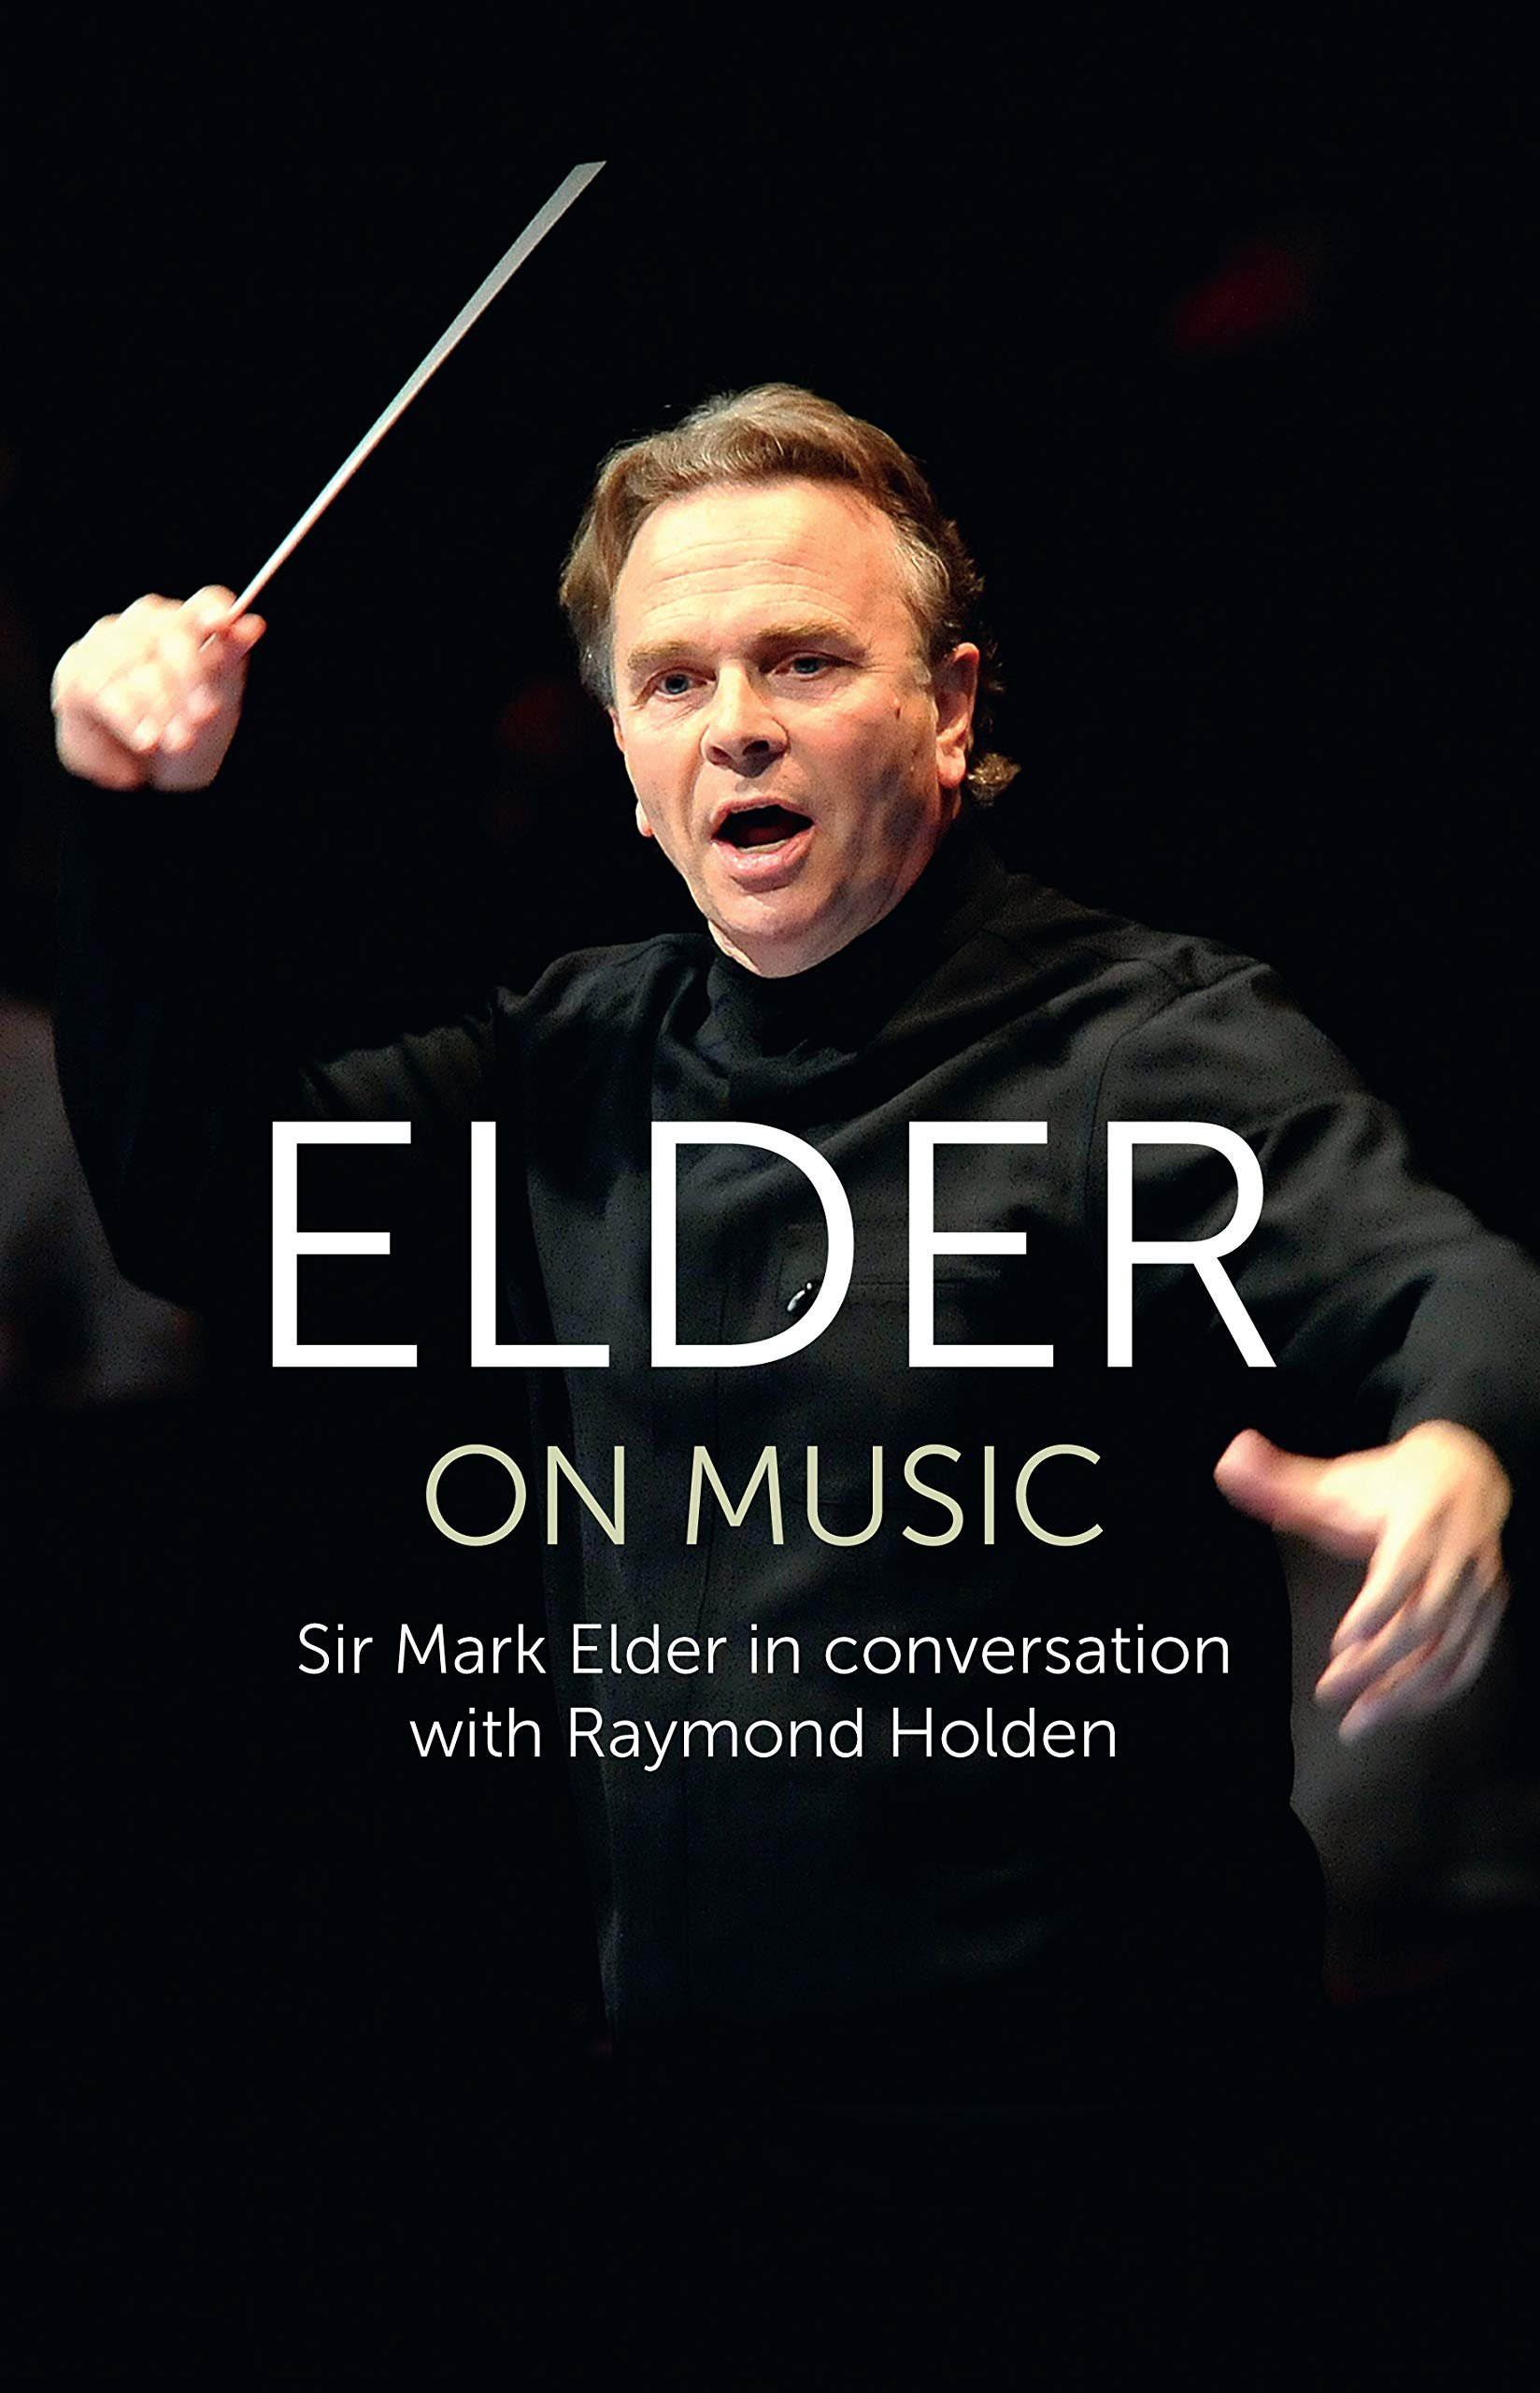 Elder on Music: Sir Mark Elder in Conversation with Raymond Holden